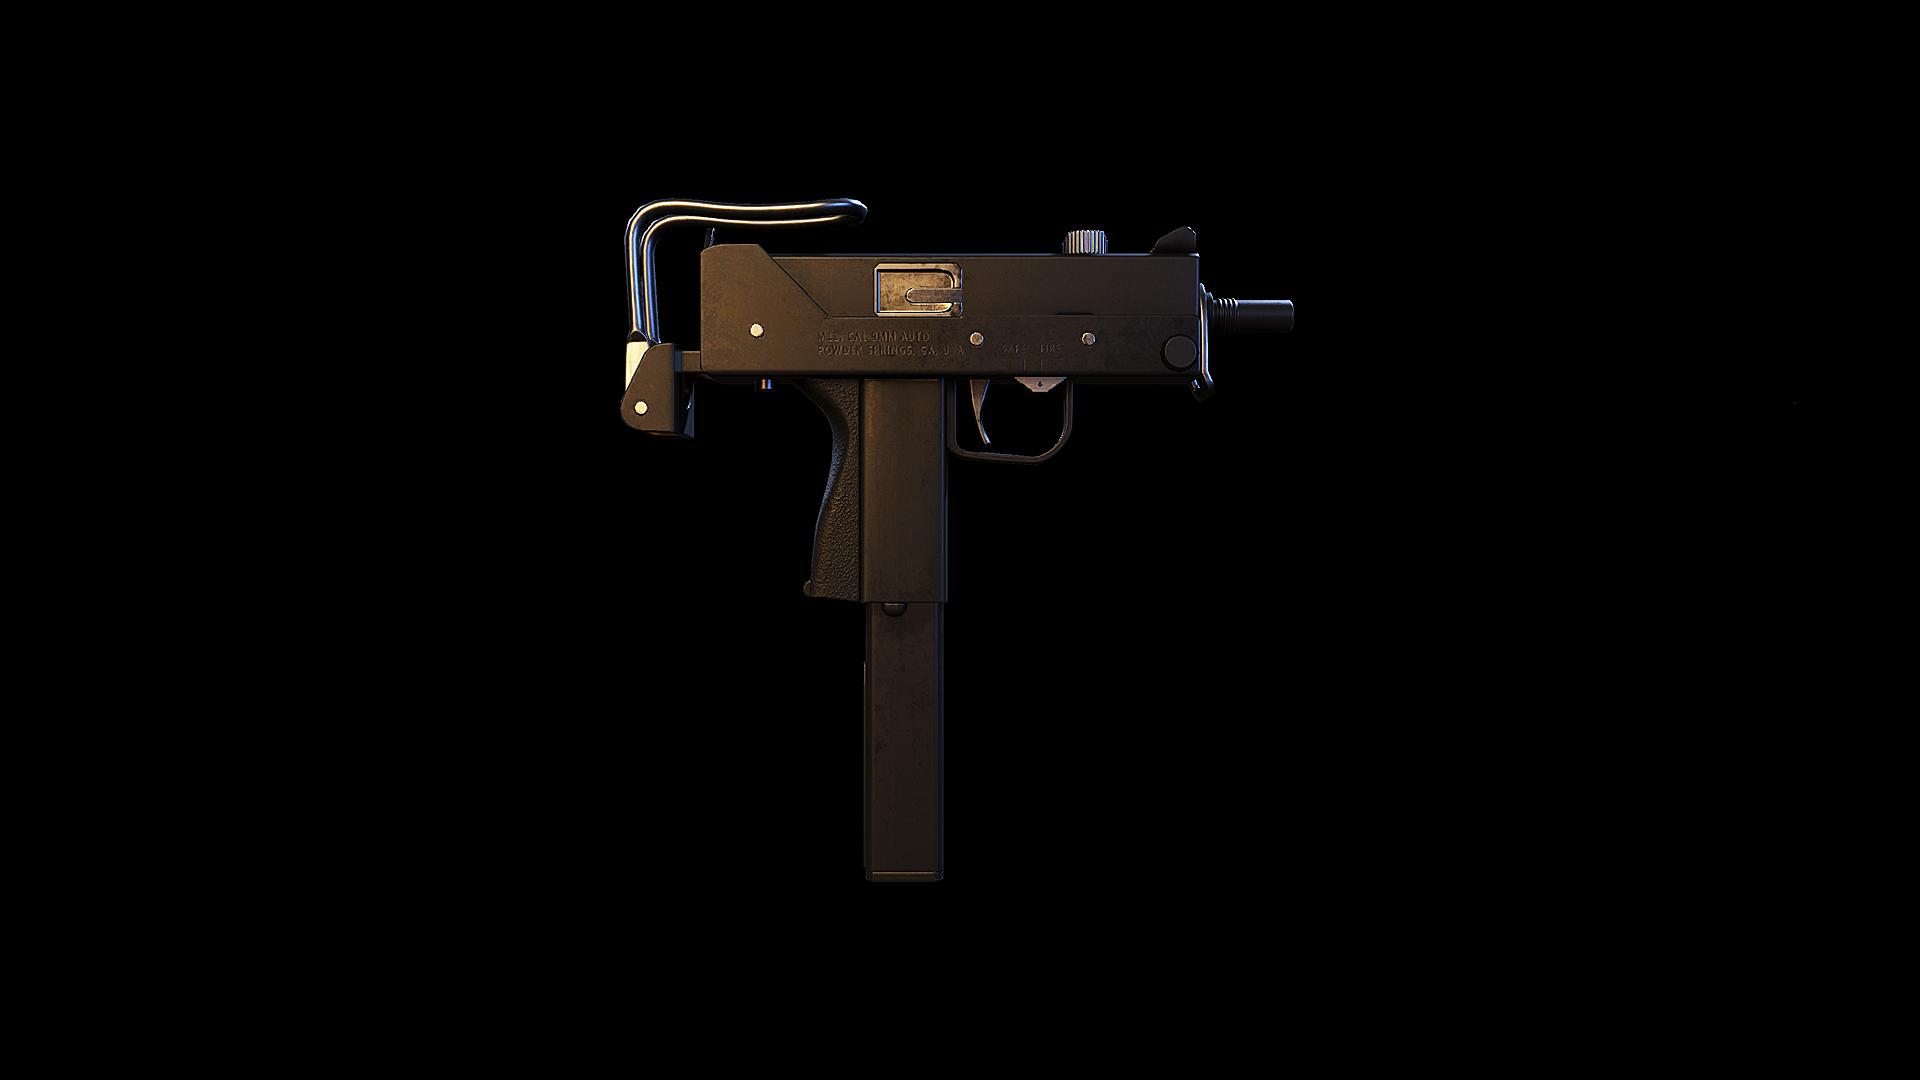 SMG-11/Ghost Recon Wildlands